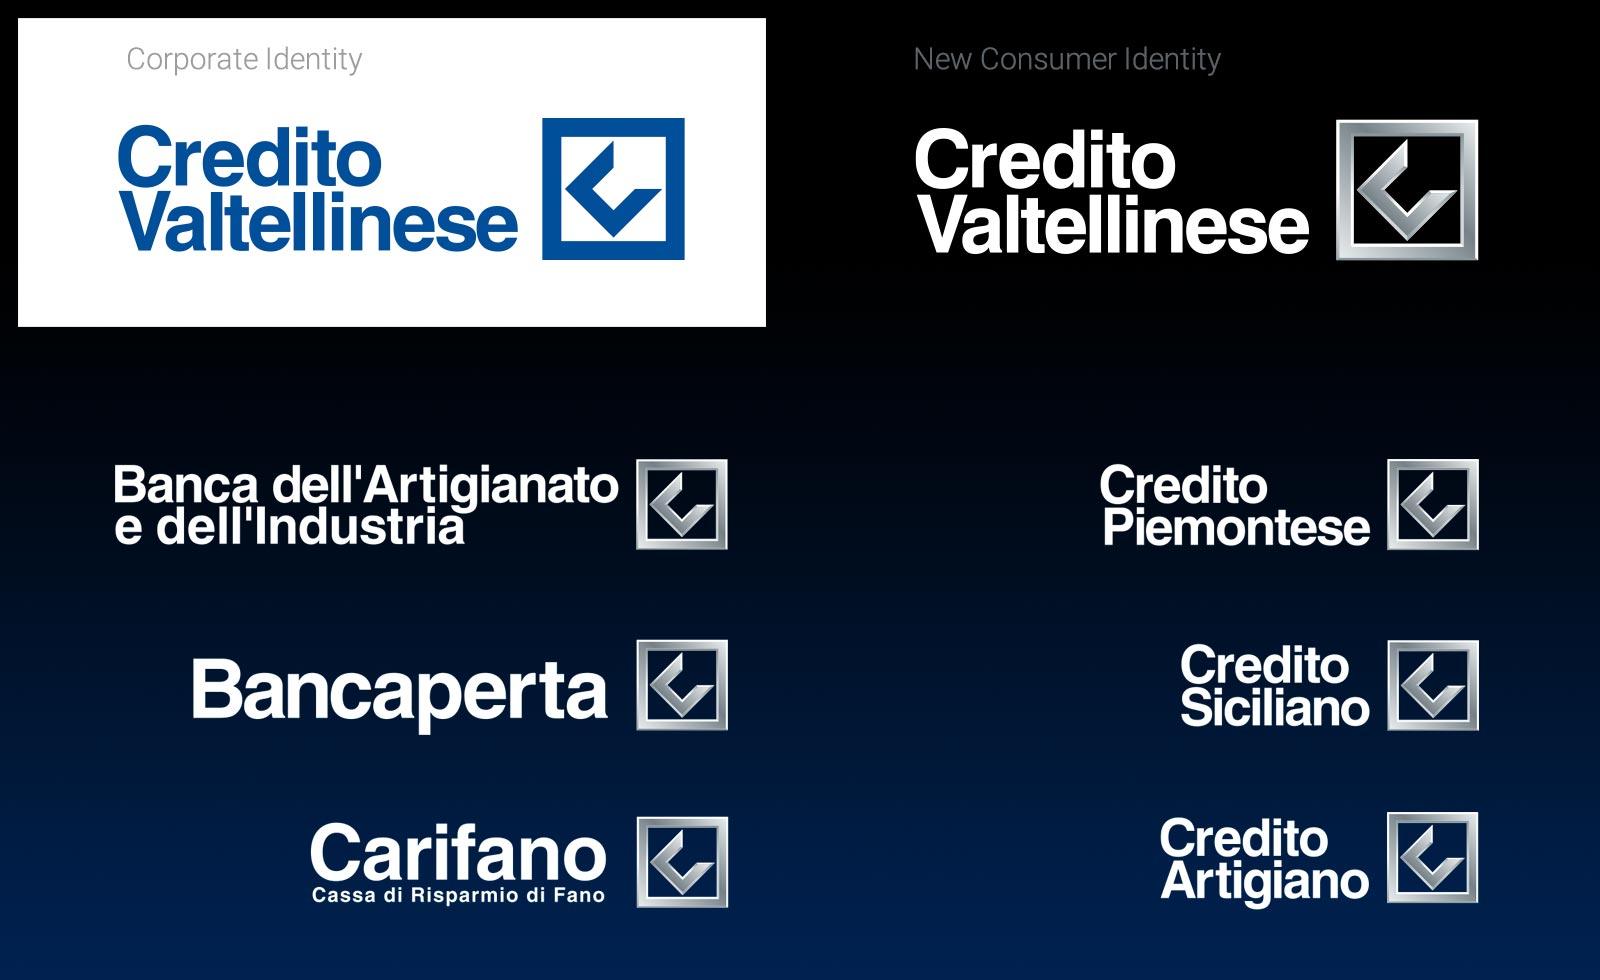 creval logo identity brand marchio pitscheider